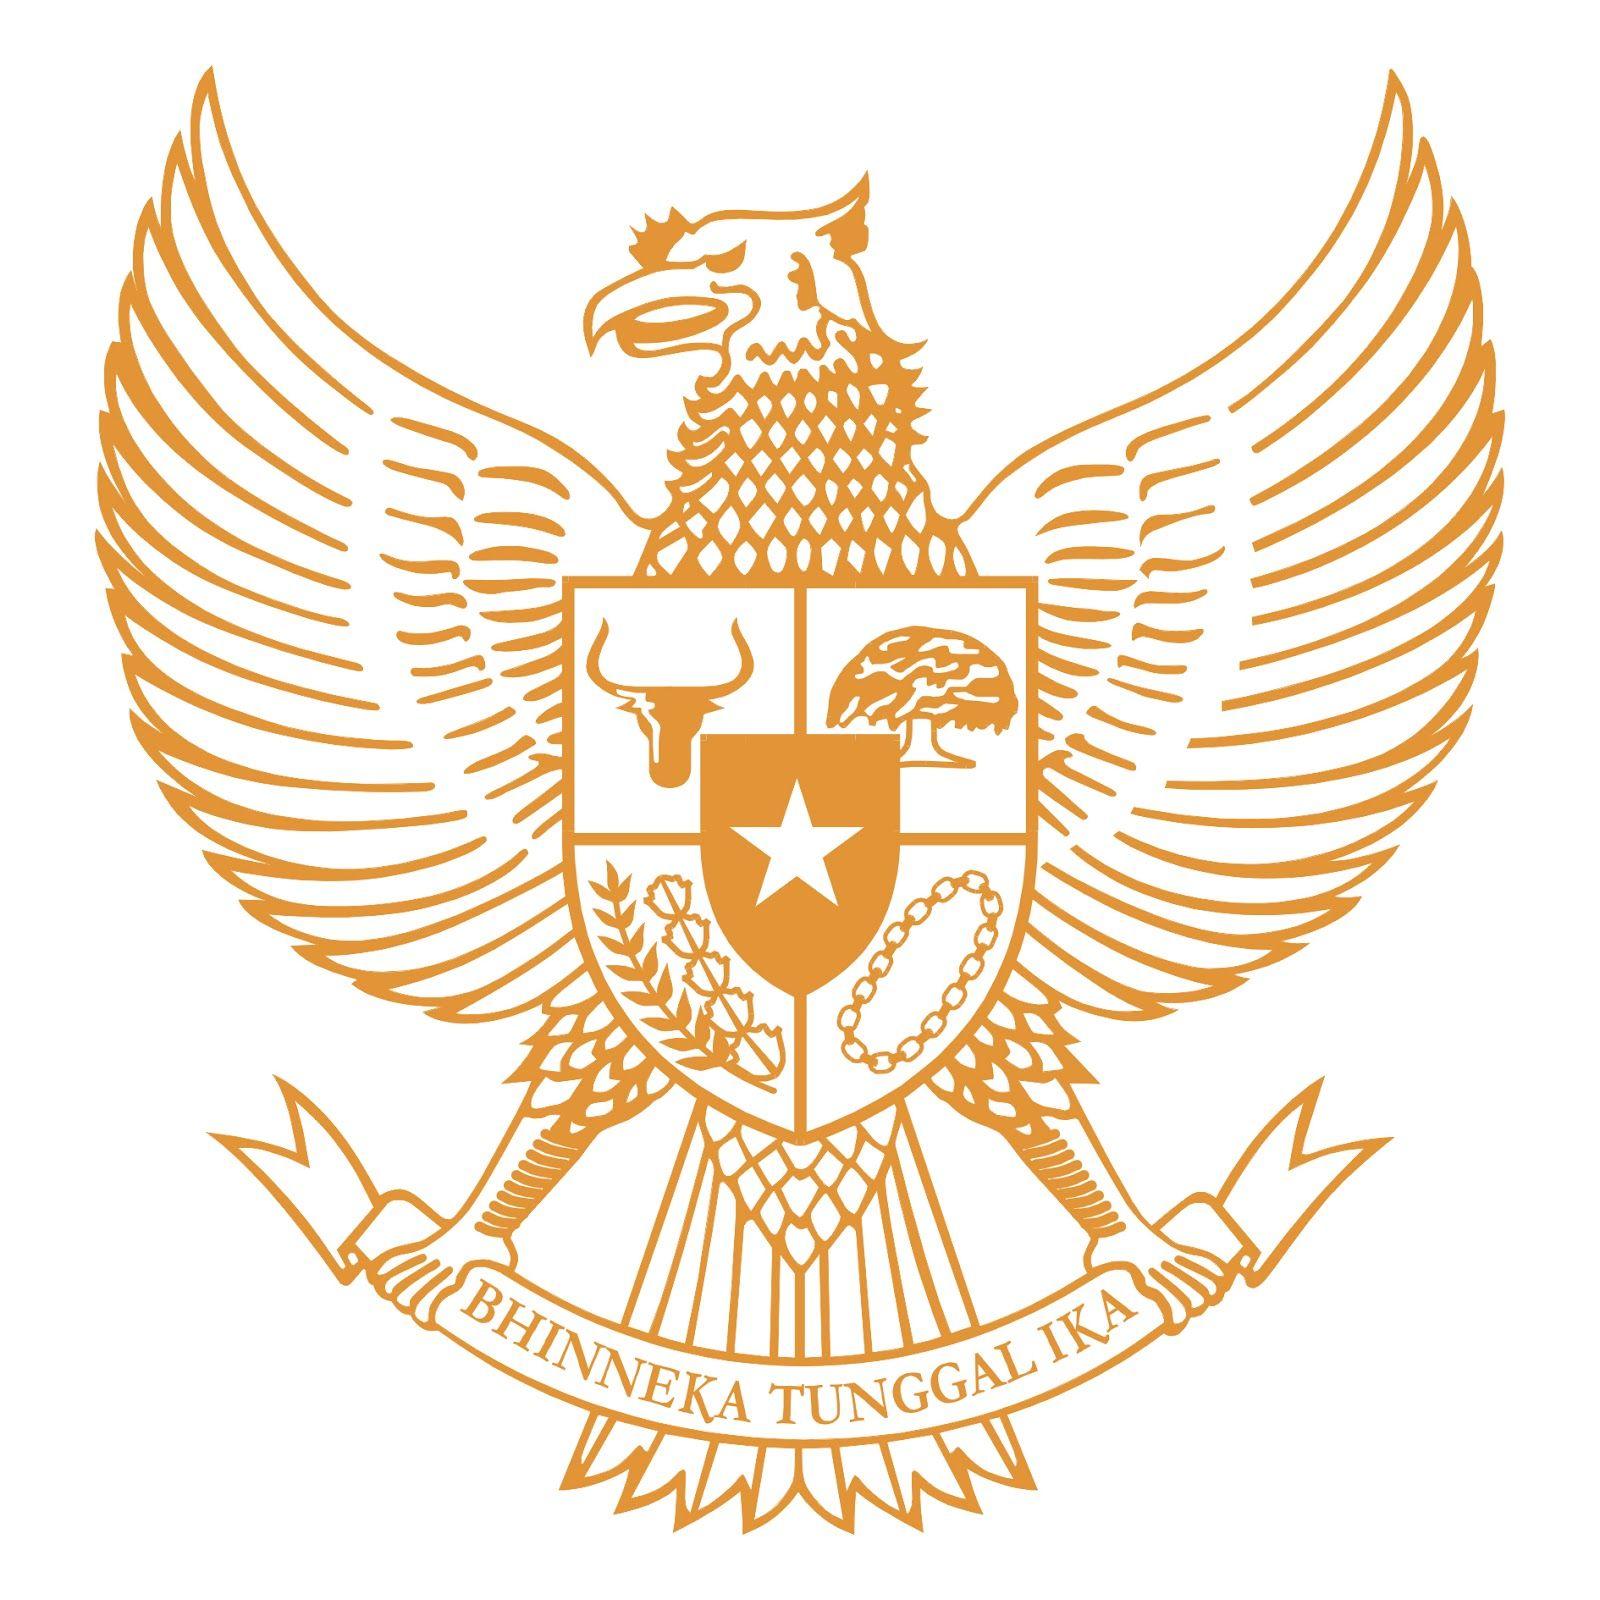 Download Logo Garuda Pancasila Vector Cdr Buku Gambar Gambar